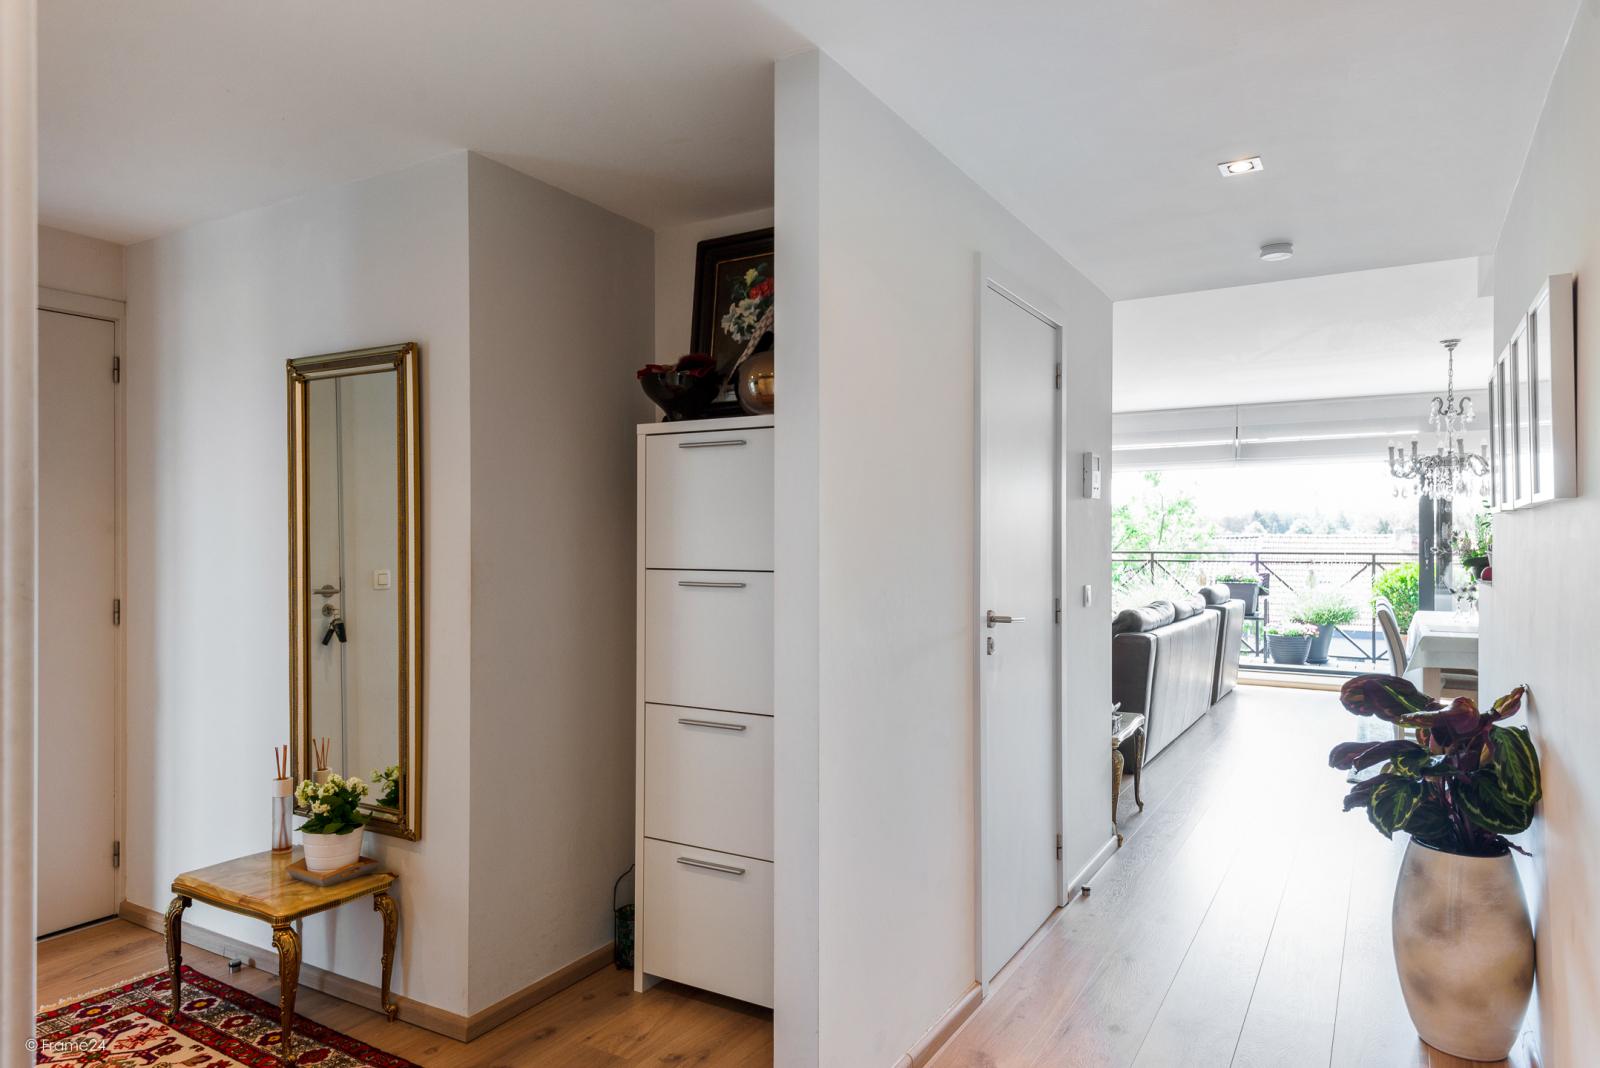 Prachtig instapklaar appartement met twee ruime slaapkamers nabij het centrum van Schoten! afbeelding 11